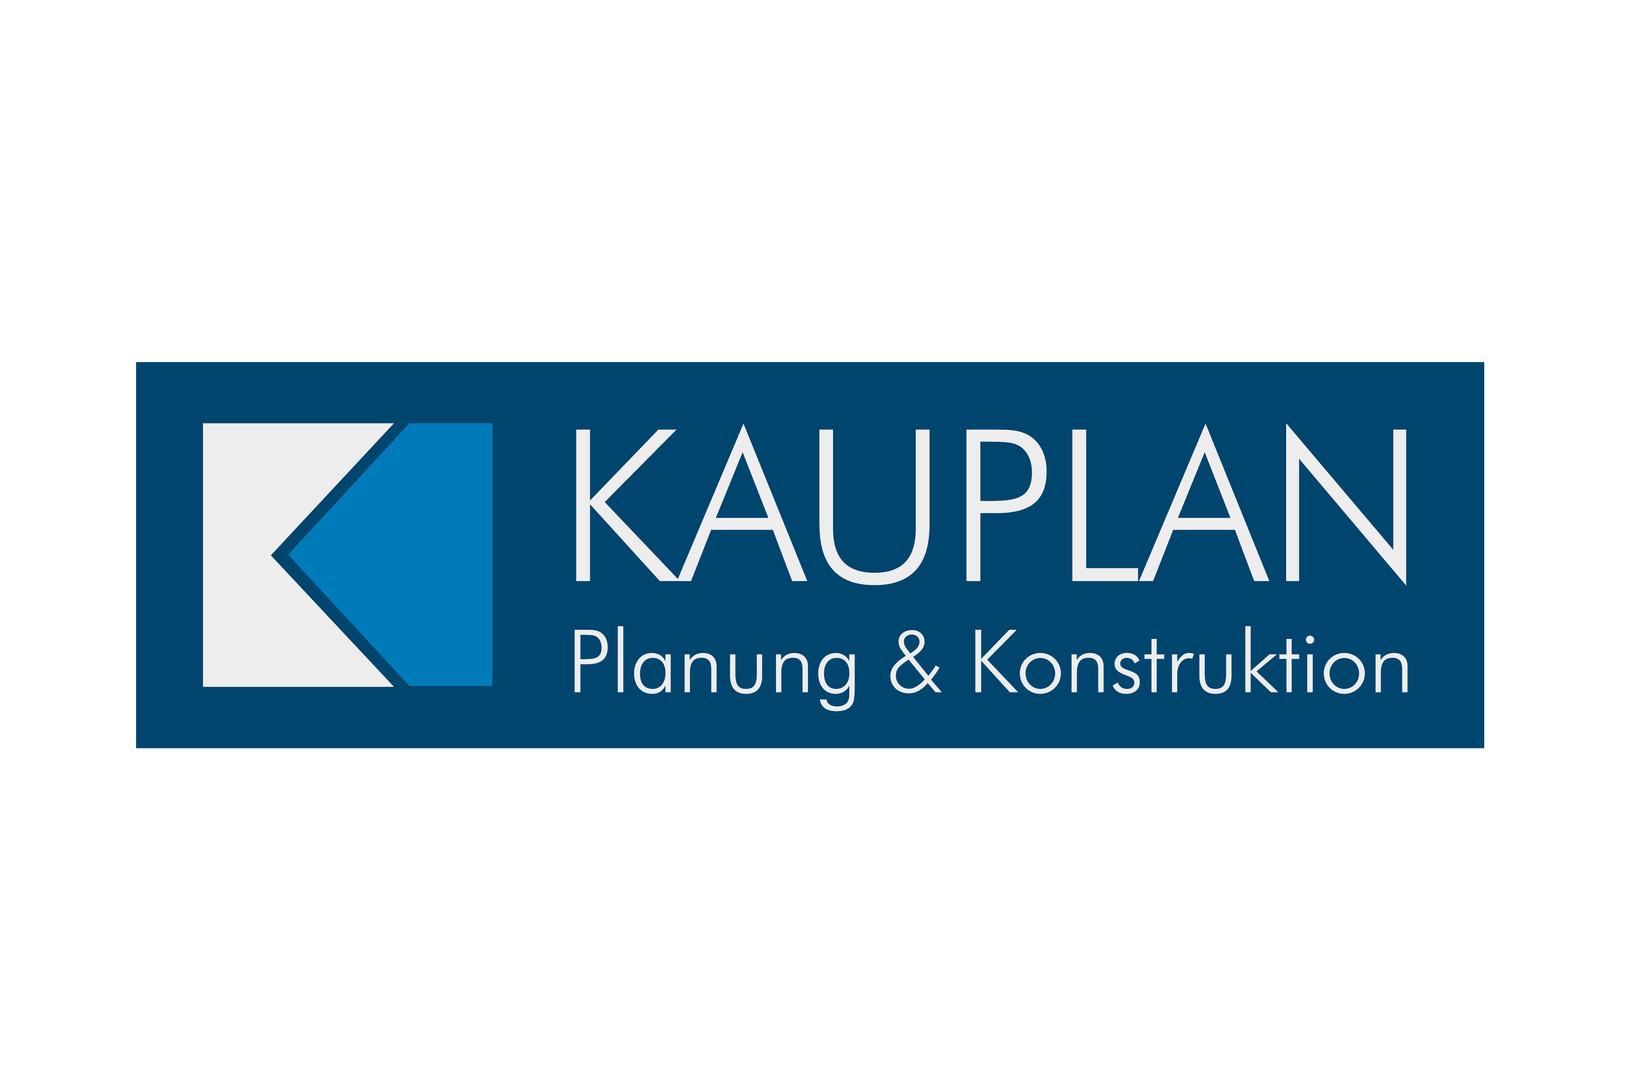 Logo_Kauplan_dunkel.jpg